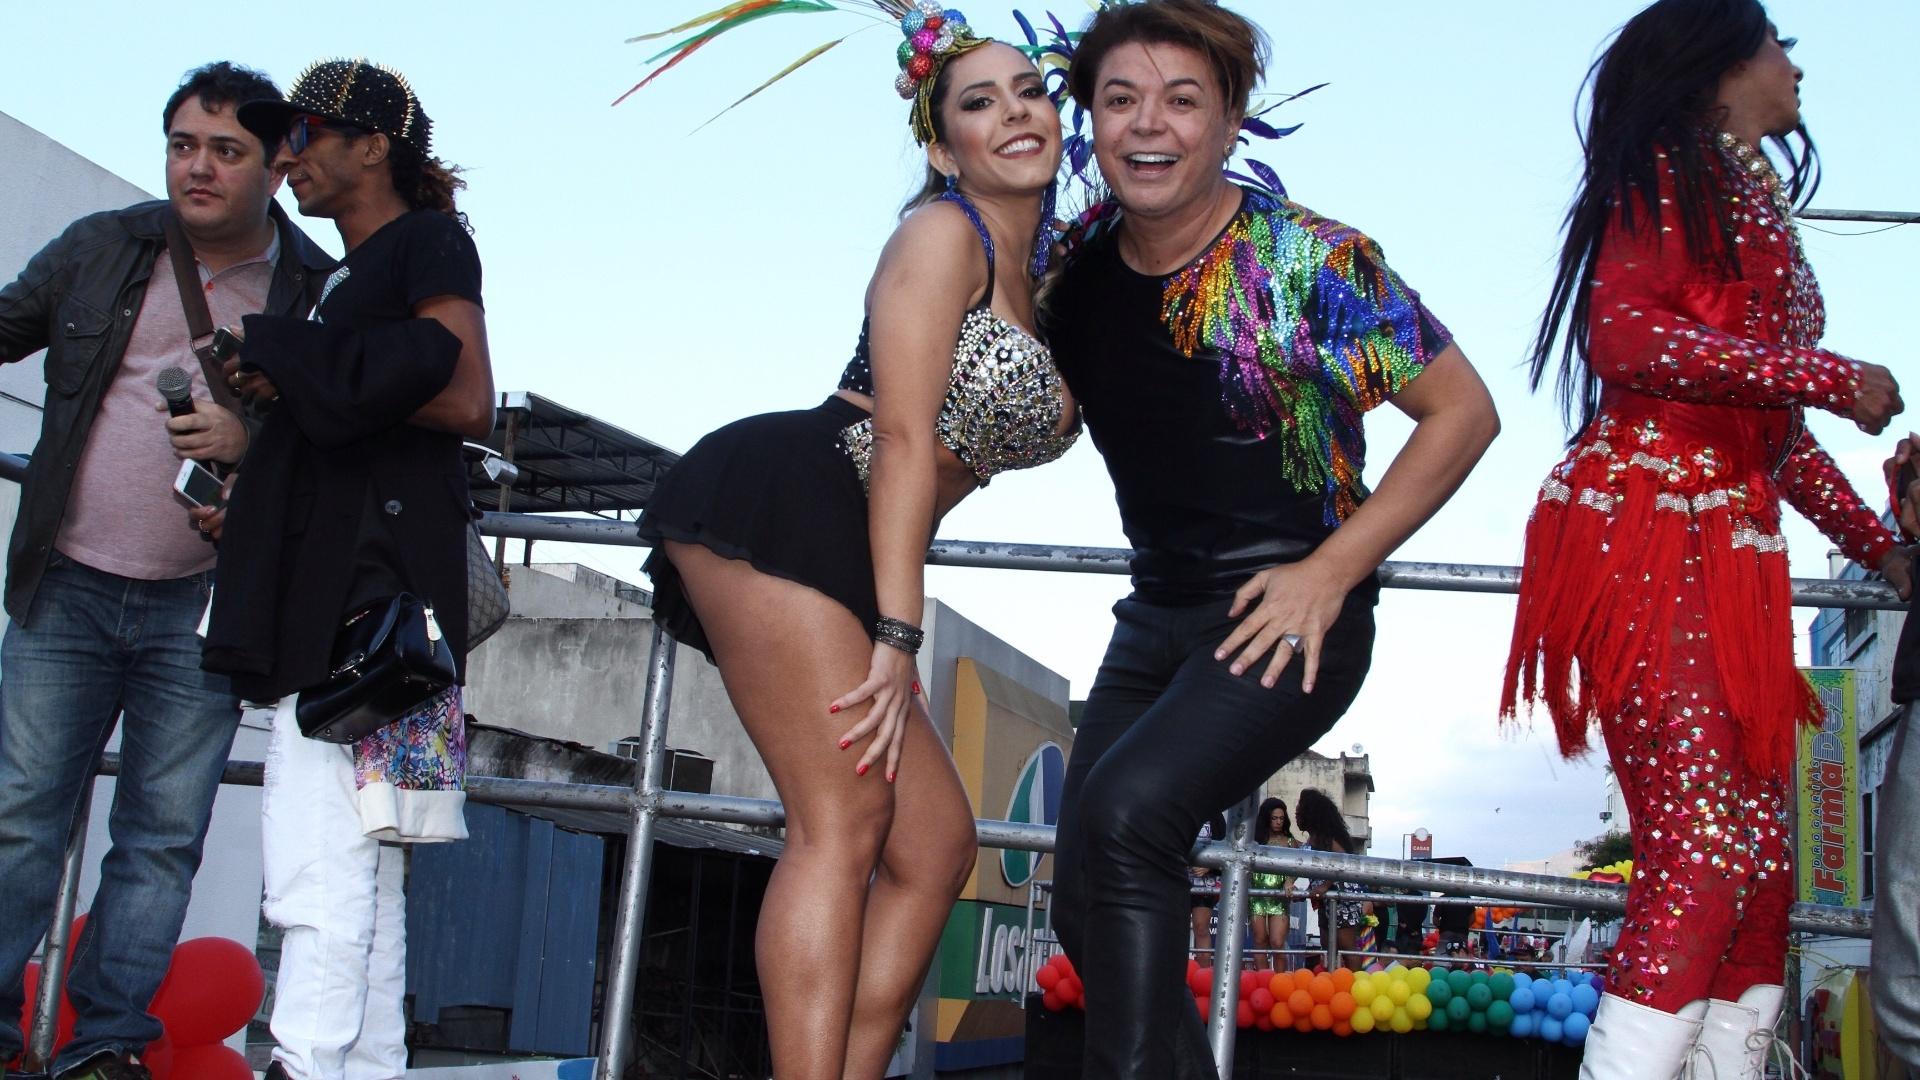 12.jun.2016 - Mulher Melão posa com o promoter Dravid Brazil durante a Parada LGBT em Madureira, no Rio de Janeiro. De saia bem curtinha, a beldade deixou o bumbum à mostra em cima de um trio elétrico